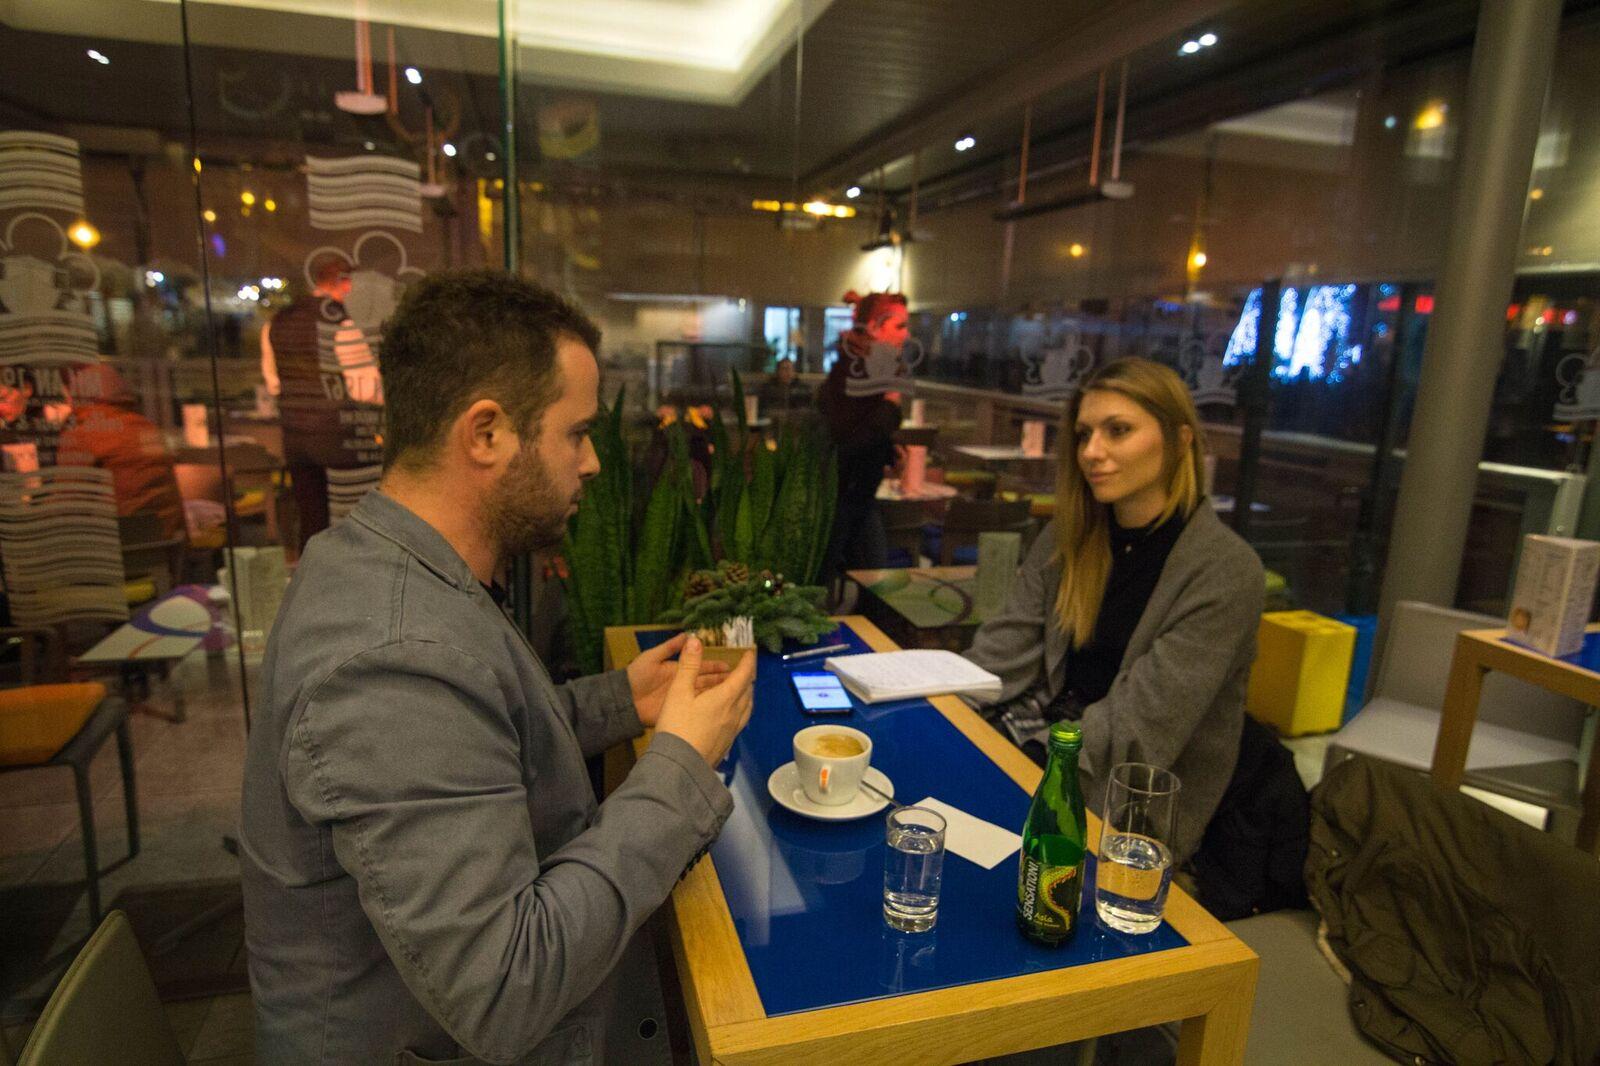 Besplatna web mjesta za upoznavanja u Ukrajini